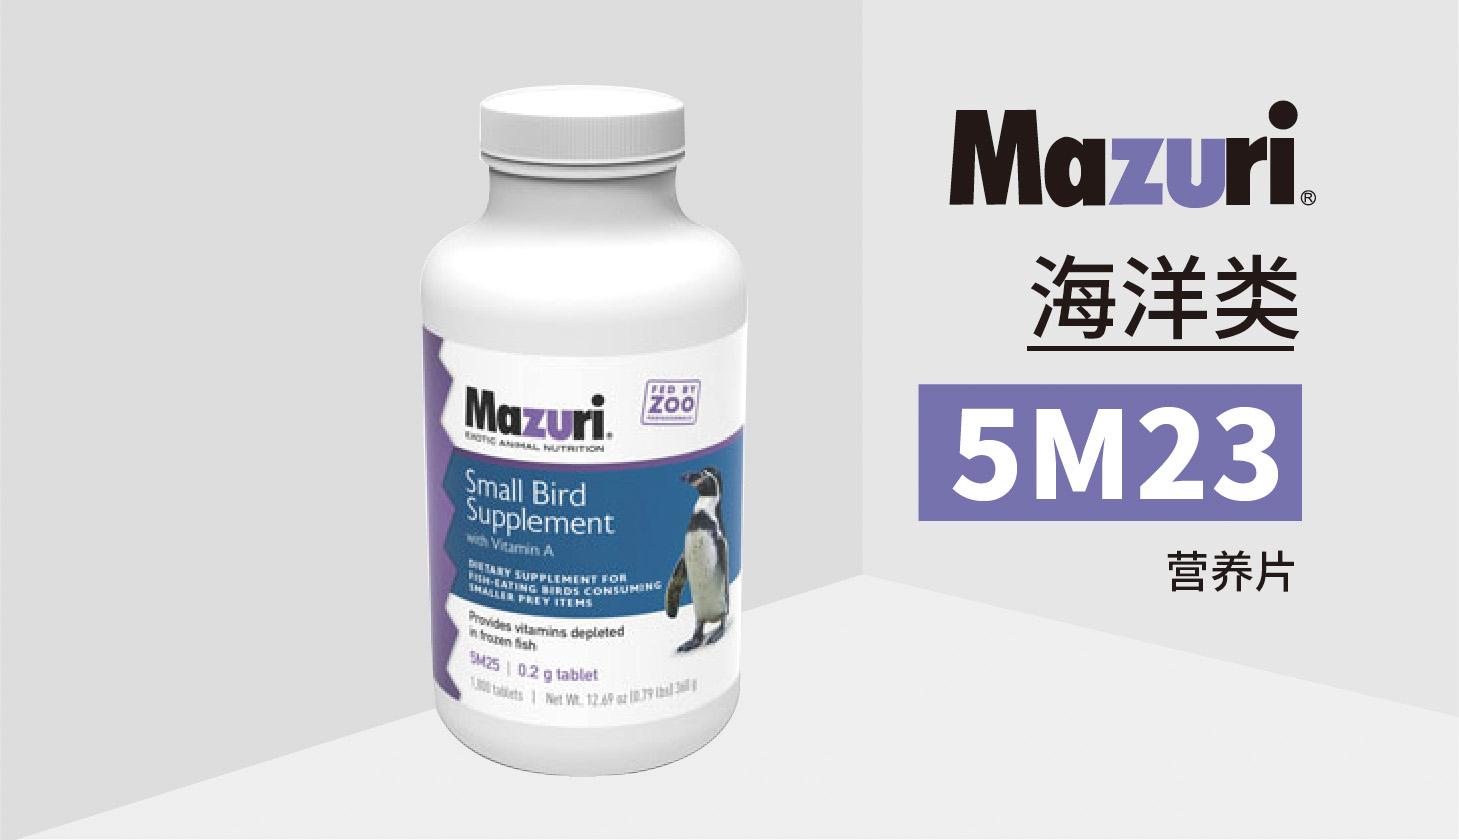 小型企鹅营养片5M23